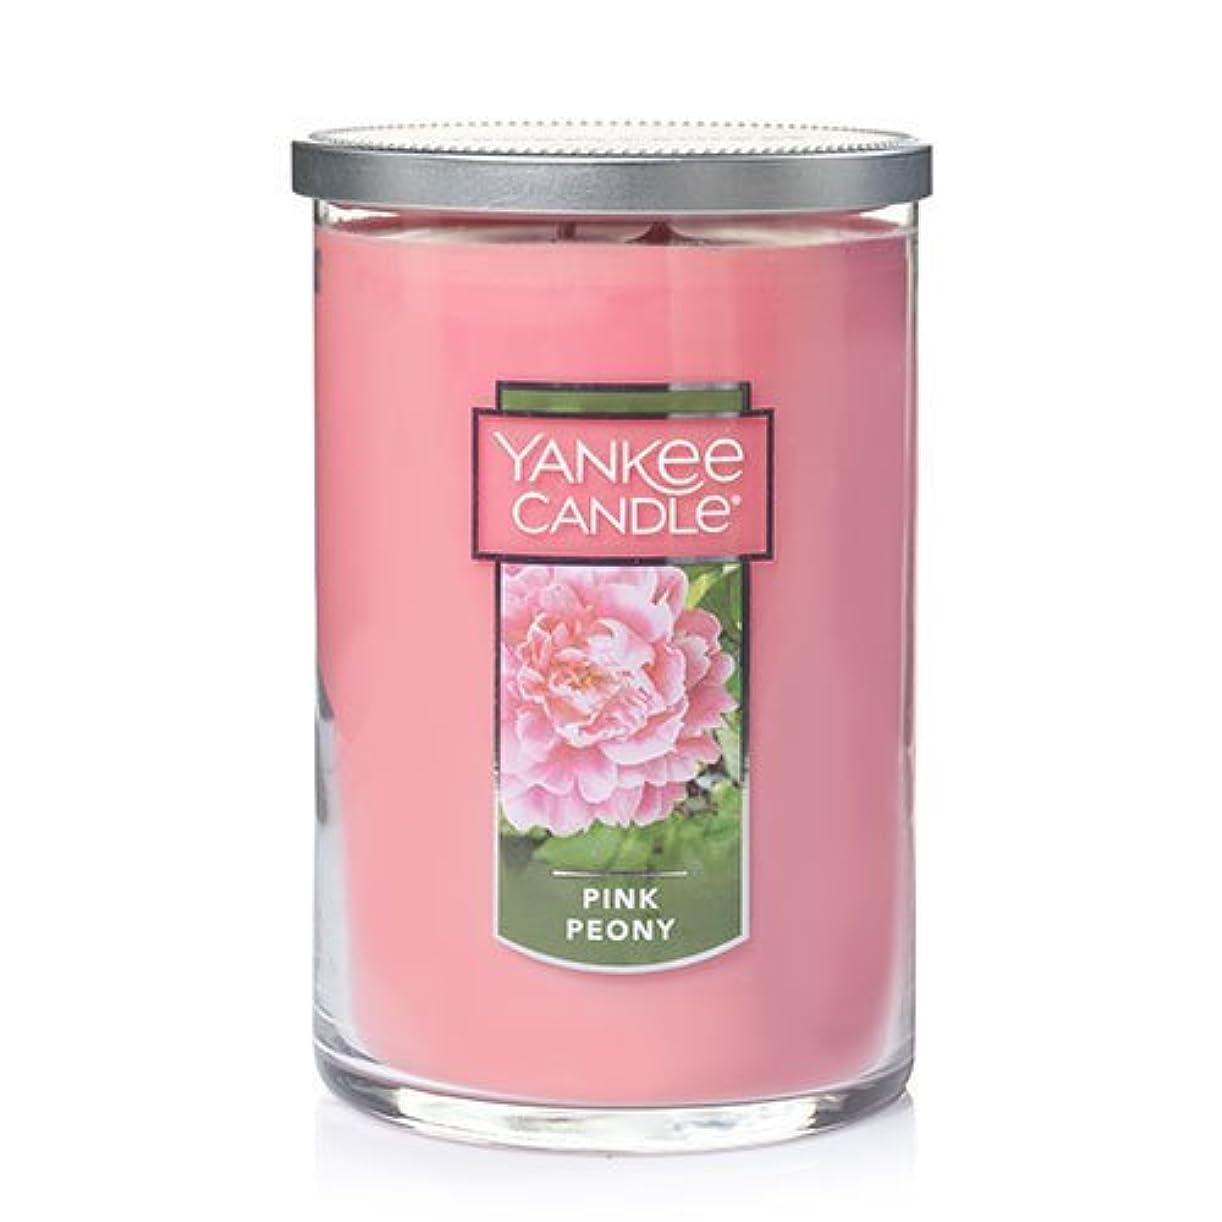 ボトルネックのホスト思春期Yankee Candle Companyピンク牡丹Large 2-wickタンブラーCandle , Food & Spice香り